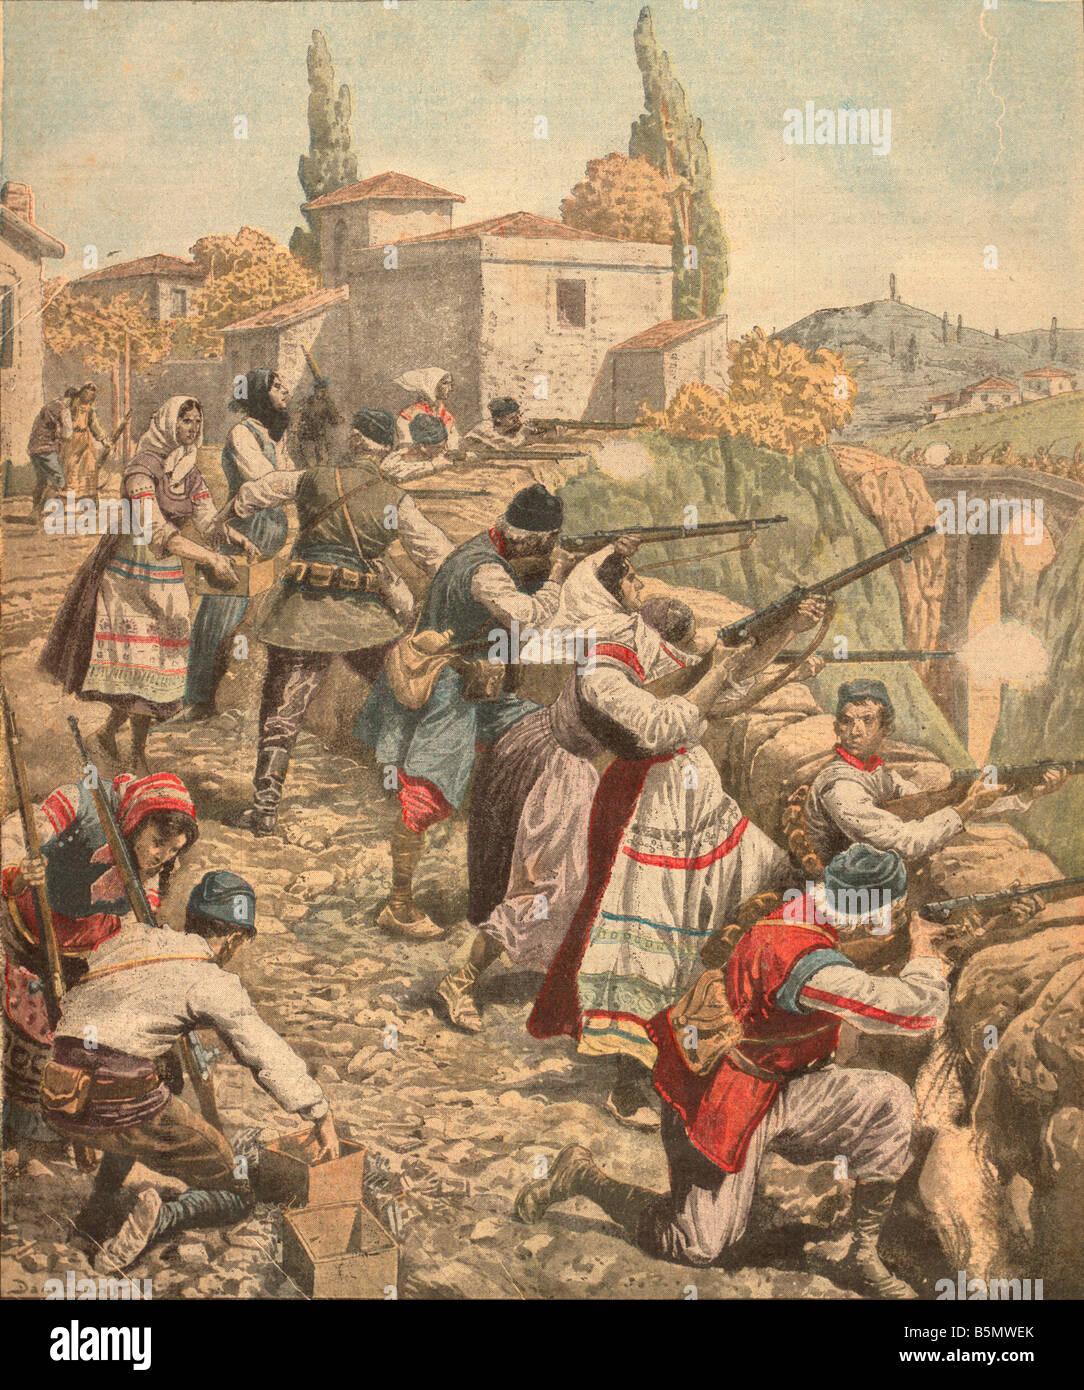 9JG 1915 11 0 A1 E serbios en WW I Col Imprimir Petit Journal de la I Guerra Mundial 2ª expedición de Imagen De Stock